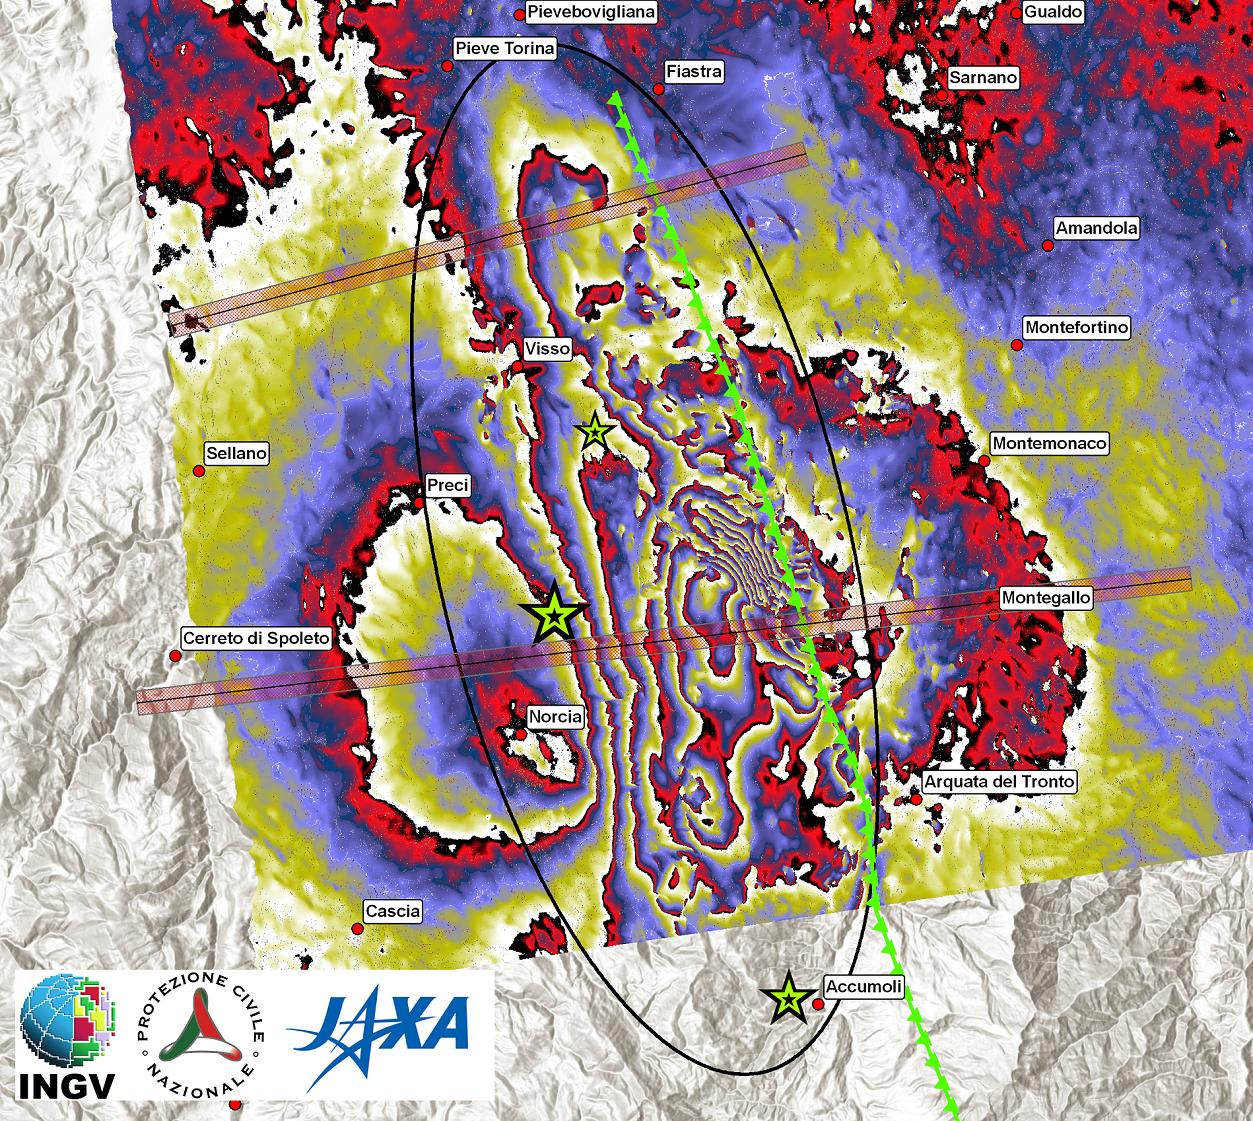 Immagini radar del giapponese ALOS 2: nuovi dettagli sugli effetti del terremoto